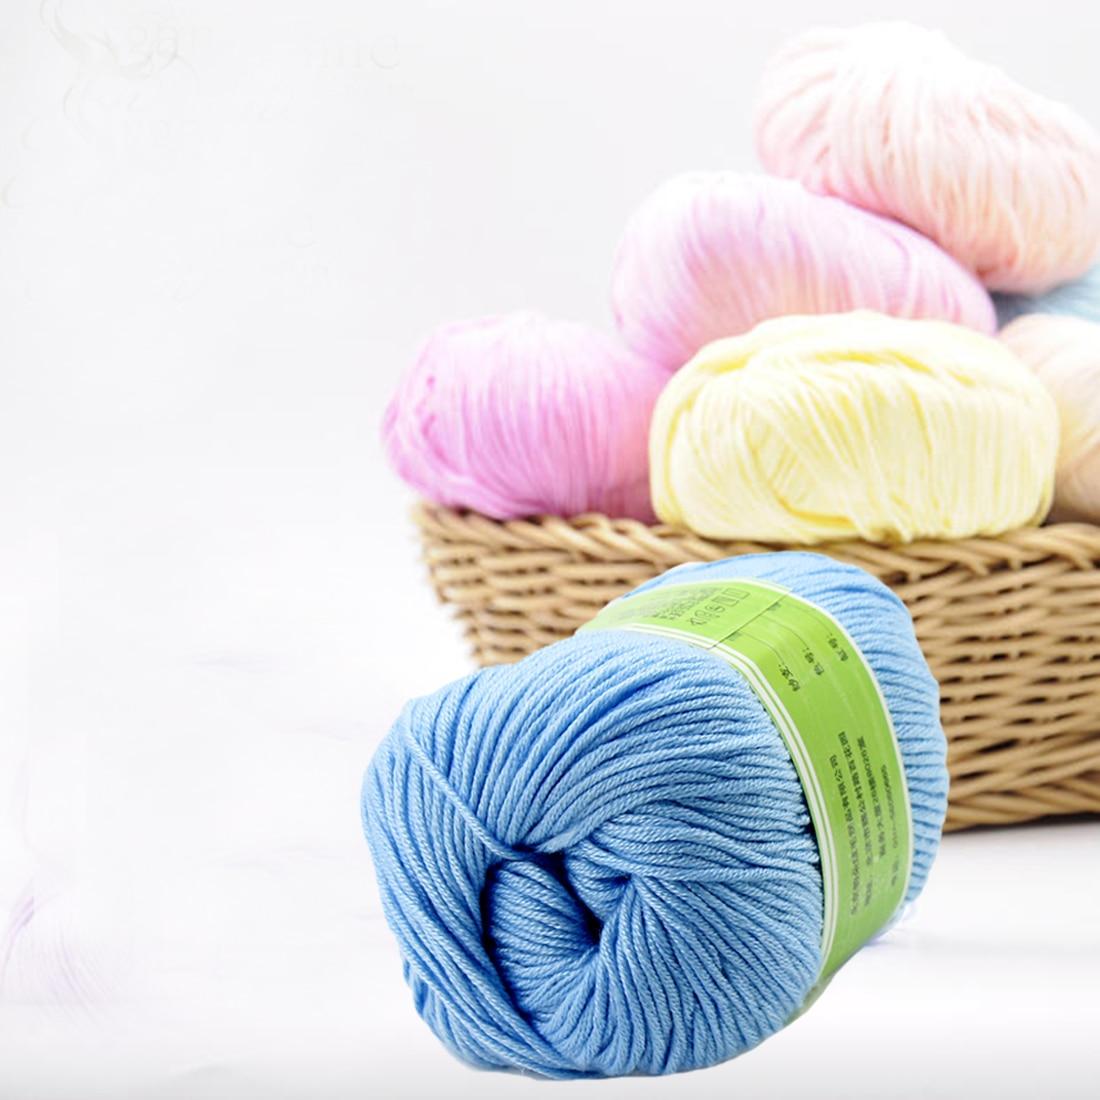 Что вяжут из шёлка - вязание спасет мир 10